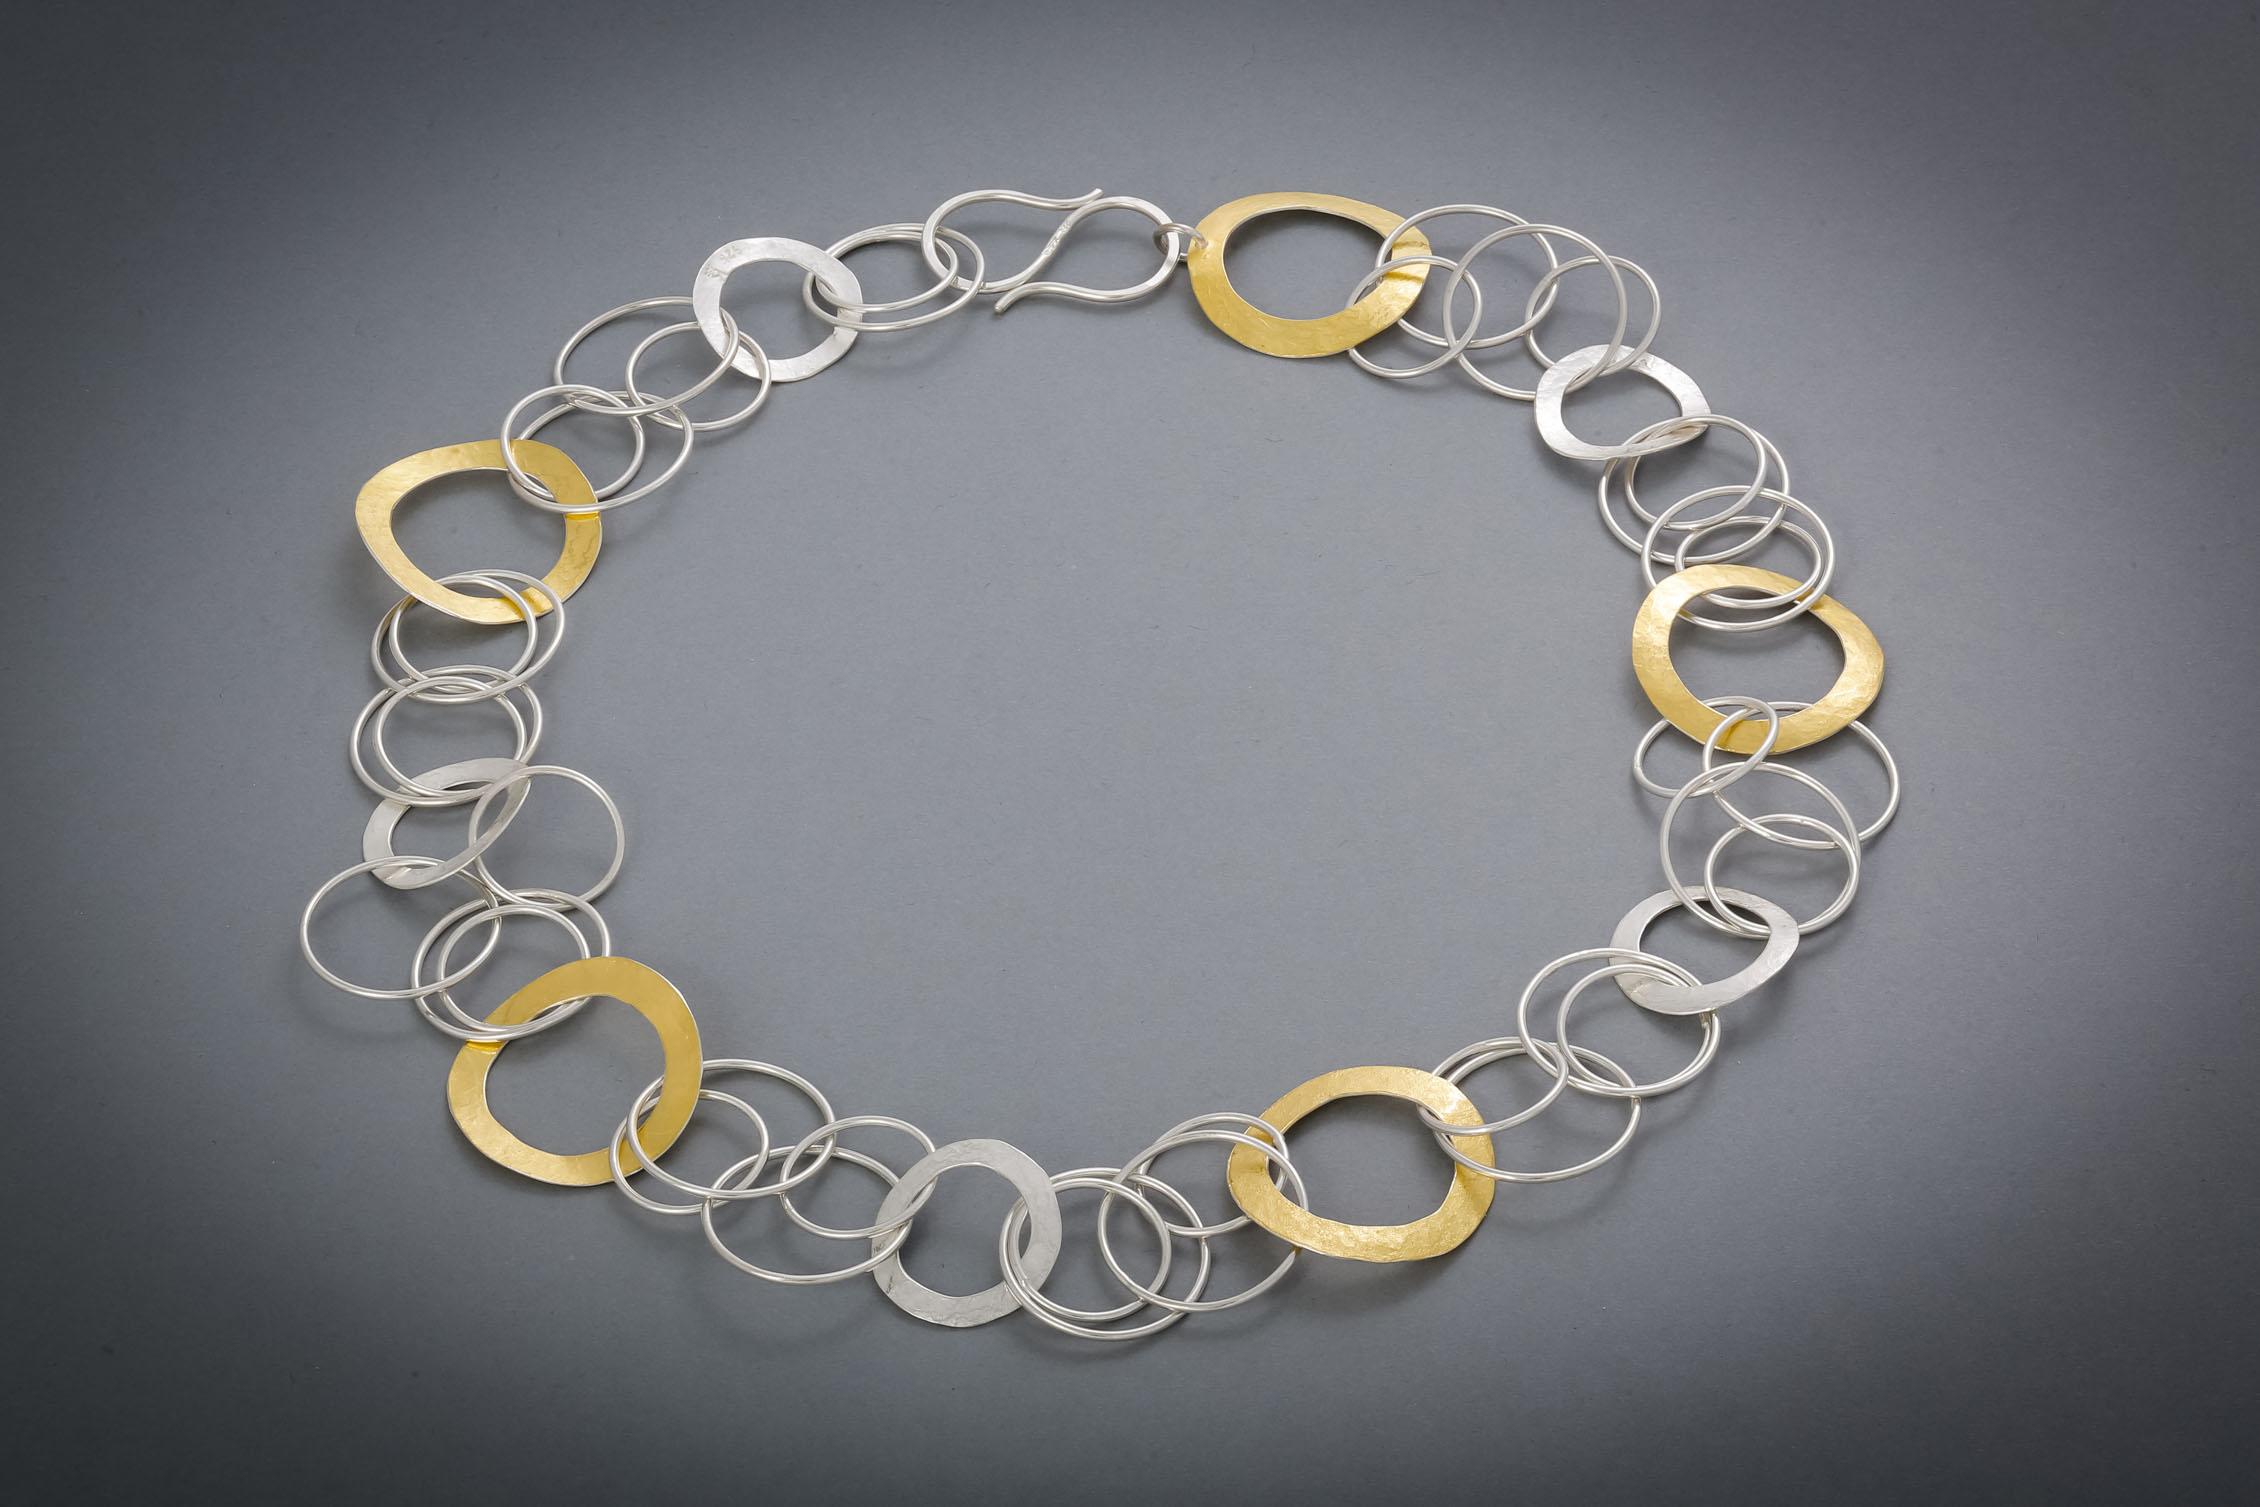 050 Silberringkette, geschmiedet, teils mit Feingold belötet € 964,-